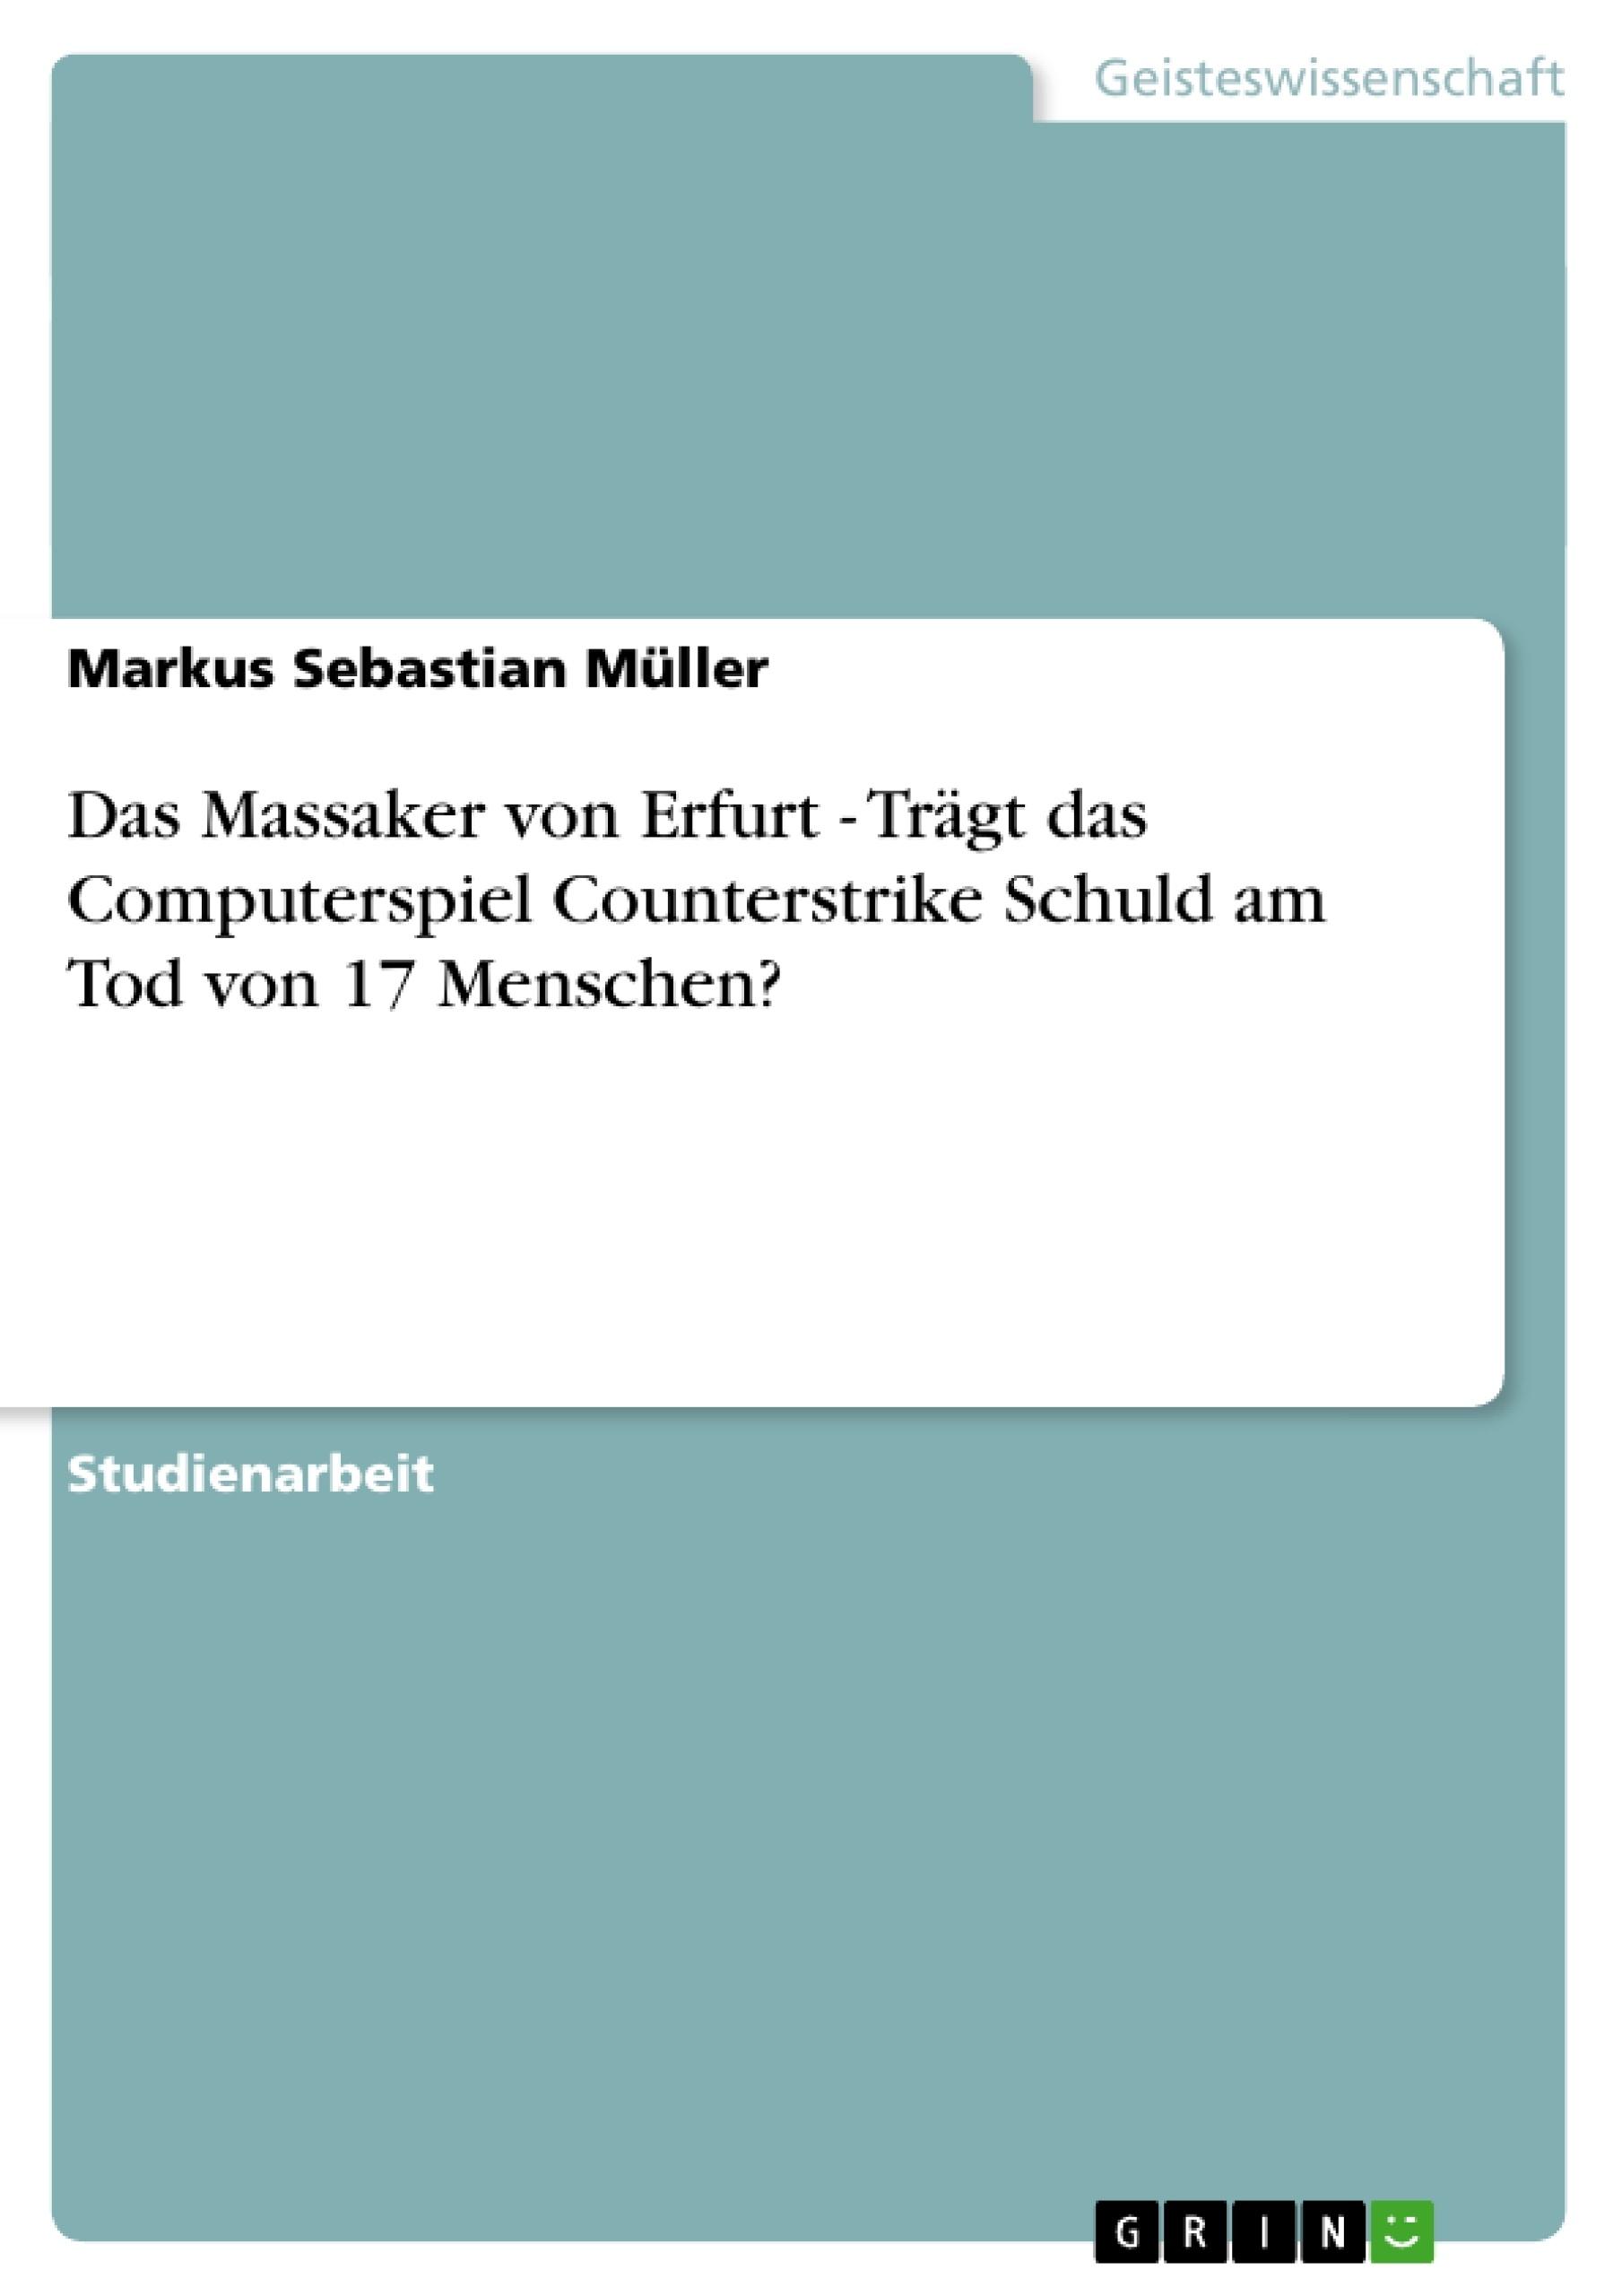 Titel: Das Massaker von Erfurt - Trägt das Computerspiel Counterstrike Schuld am Tod von 17 Menschen?